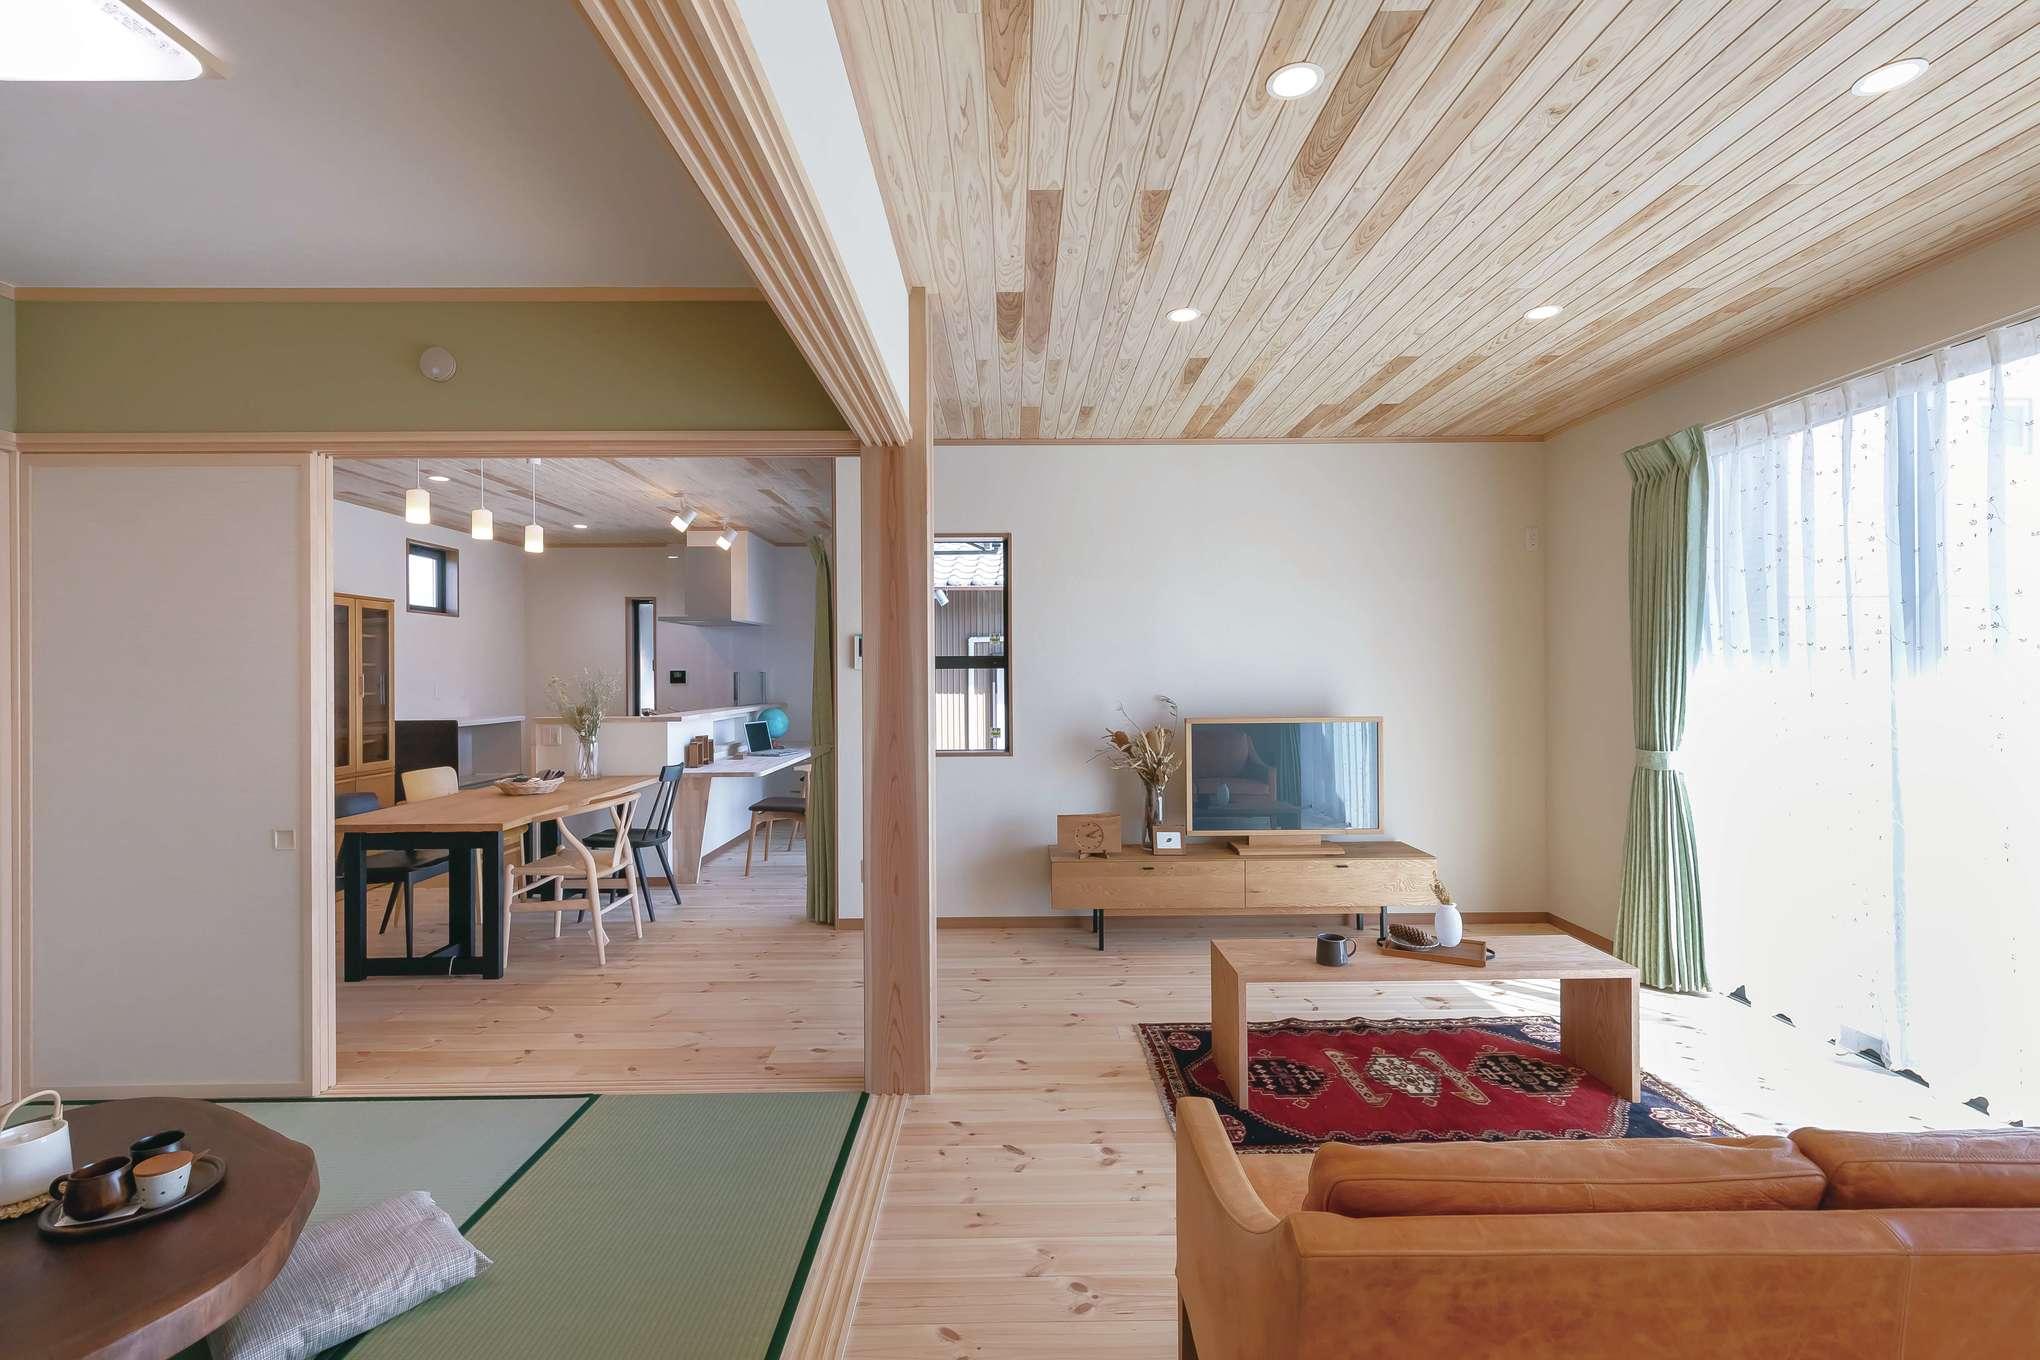 住まいるコーポレーション【デザイン住宅、和風、自然素材】リビングはソファセットを置いてもゆとりの広さ。続き間の和室とフラットにつながり、いっそう広がりを感じさせる。LDKの中心に構えたスギの大黒柱が上質な空間を演出